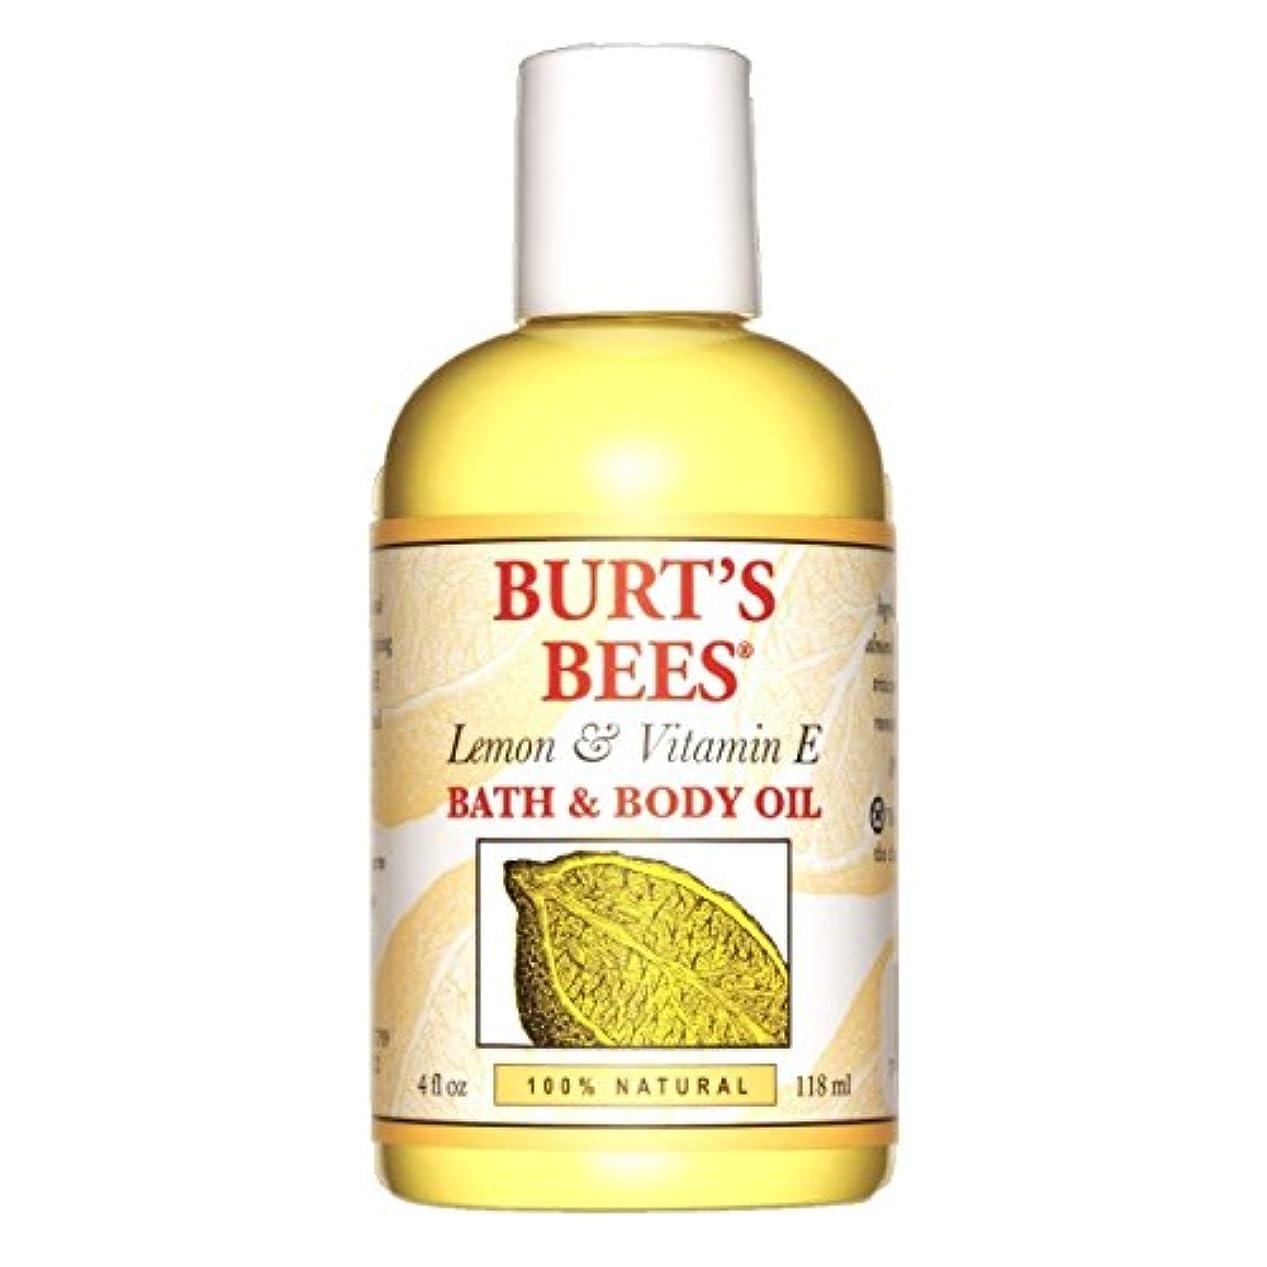 場合駐地祖母バーツビーズ(Burt's Bees) レモン&ビタミンE バスアンドボディオイル 118ml [海外直送品][並行輸入品]